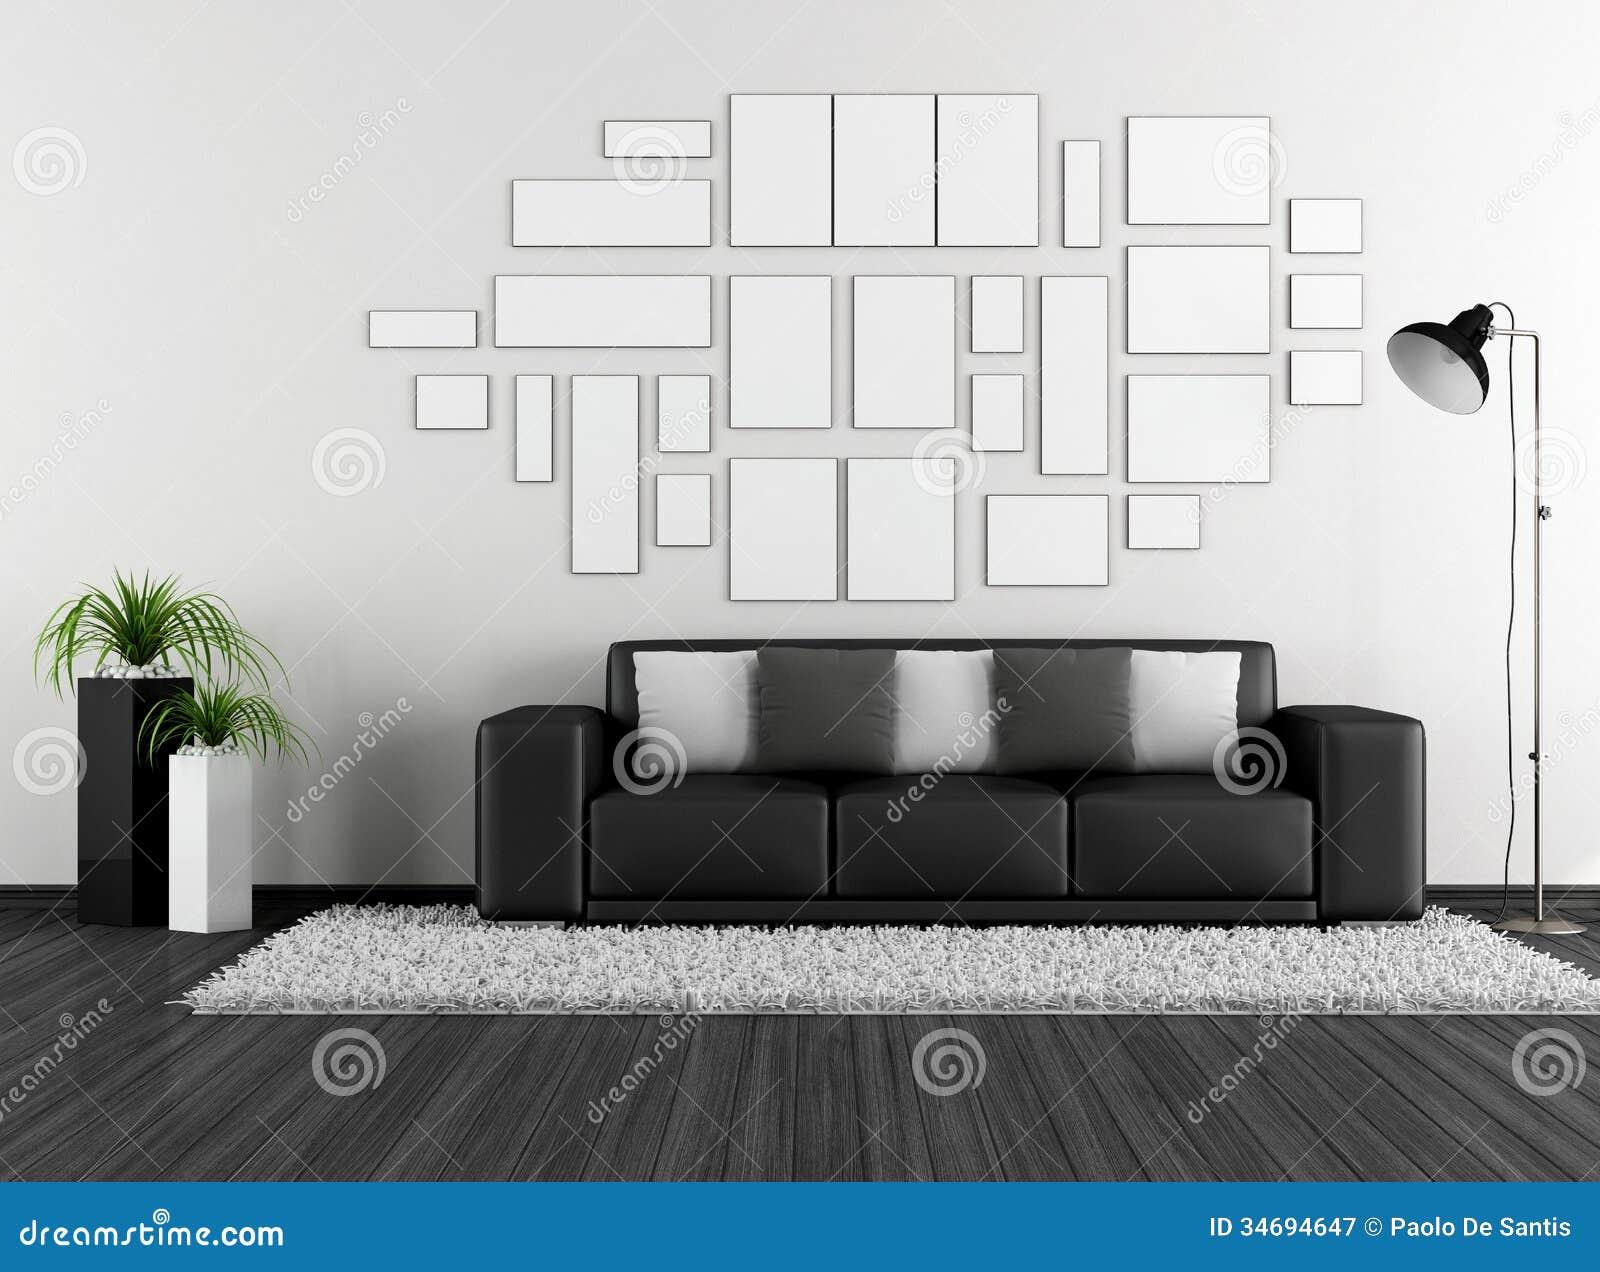 Wohnzimmer bilder mit rahmen  Schwarzweiss-Wohnzimmer Mit Moderner Couch Und Leerem Rahmen Stock ...